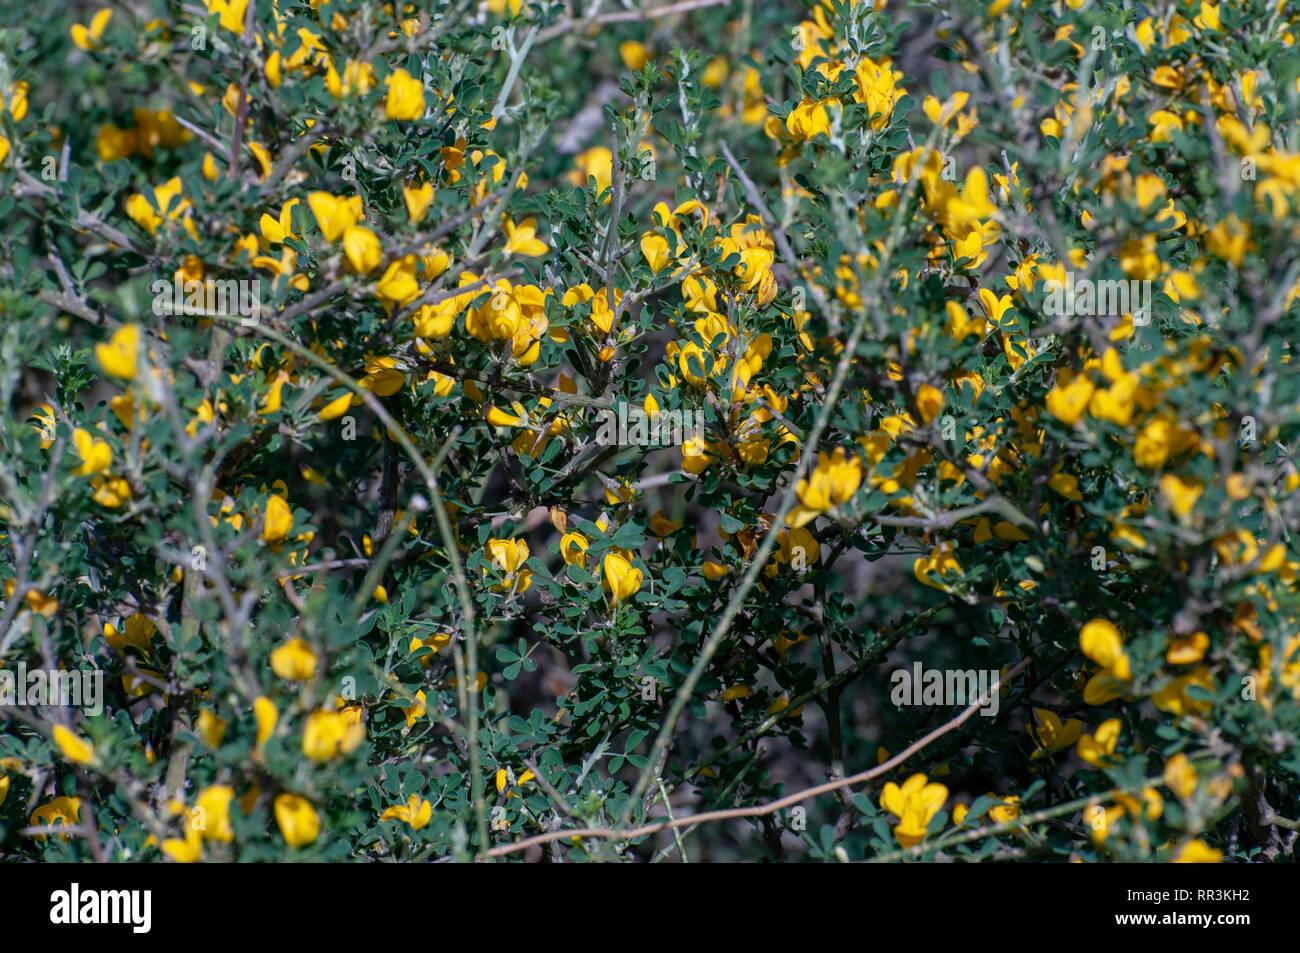 Calicotome villosa, également connu sous le nom de genêt épineux poilue et l'balai, est un petit arbre originaire de l'arbustif de la Méditerranée orientale. Photographié Photo Stock